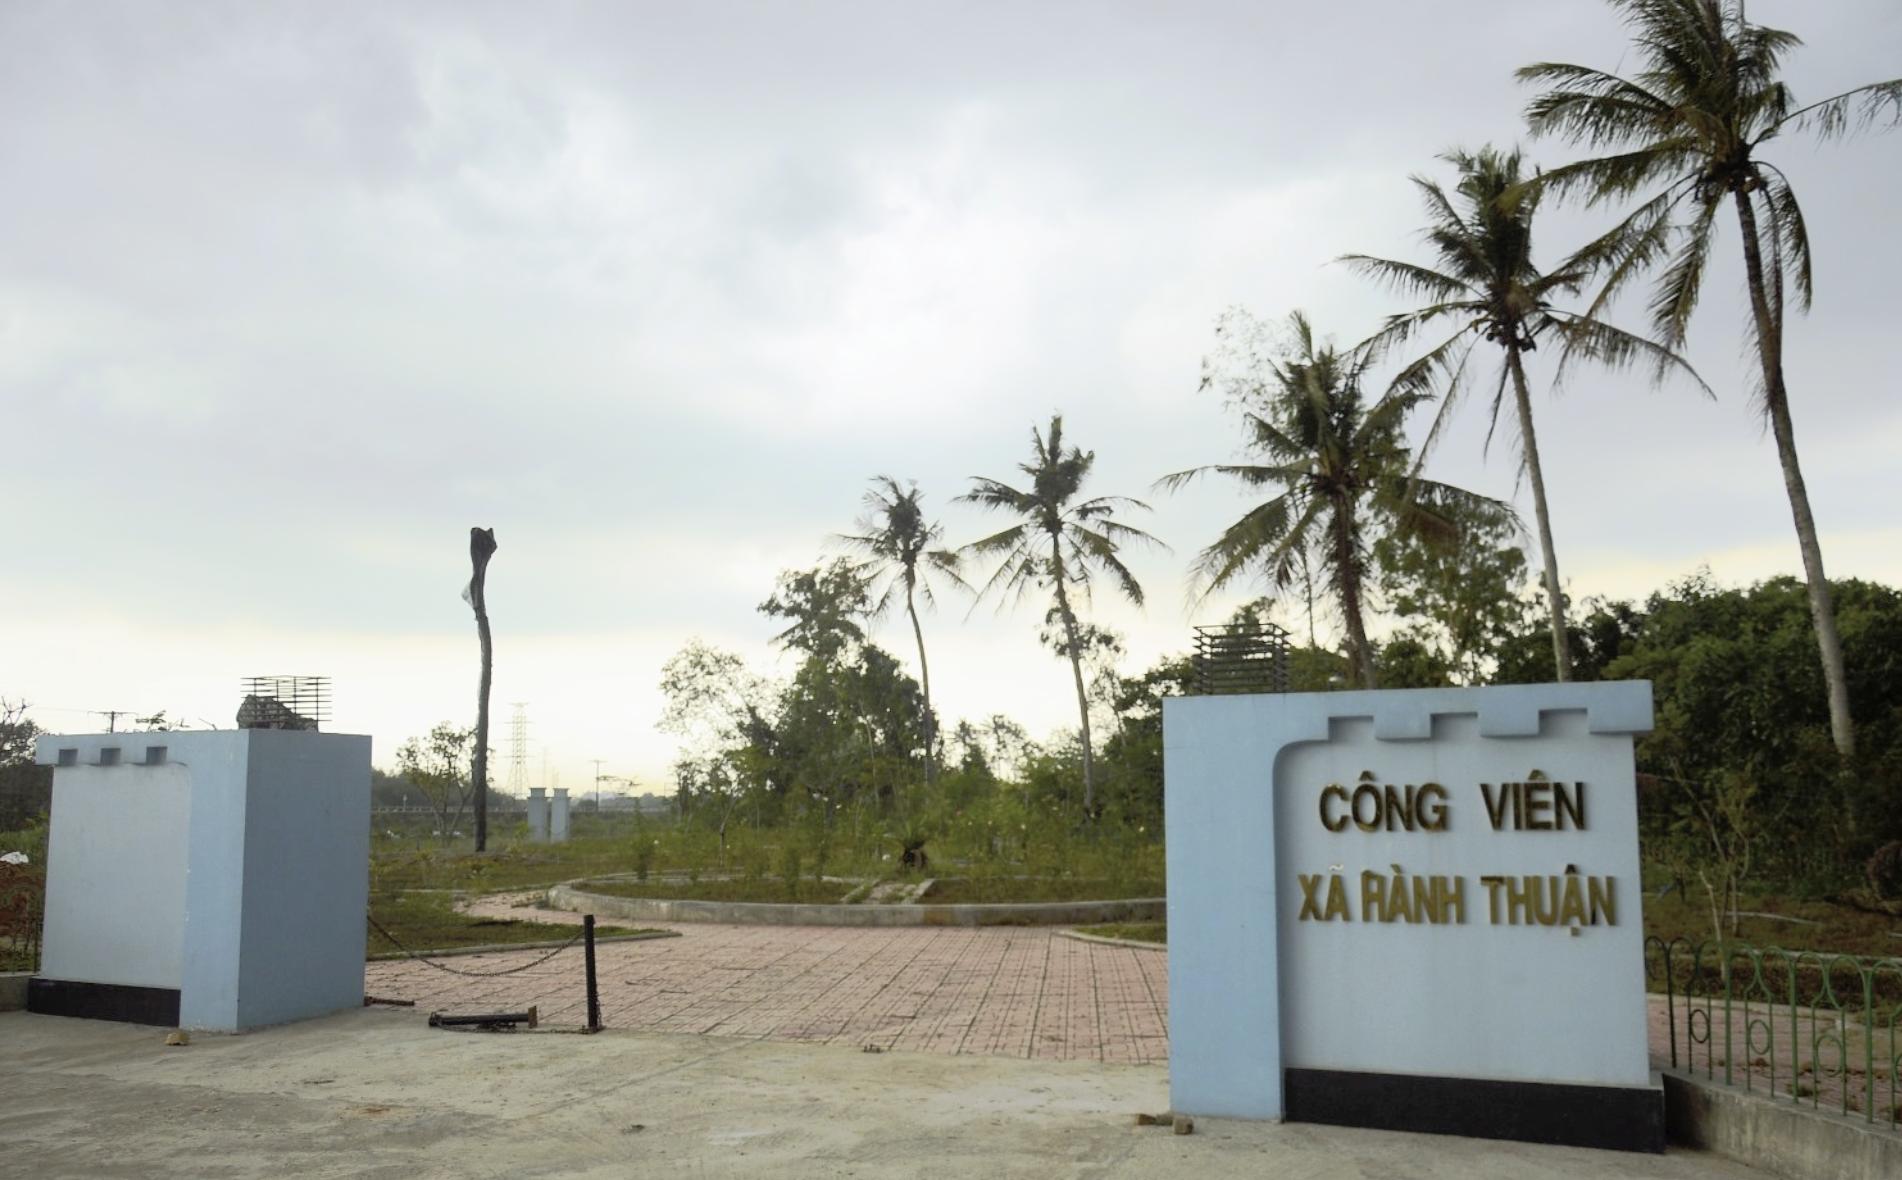 Quảng Ngãi: Dân chê công viên làm 1 tỉ đồng lãng phí, cỏ dại mọc um tùm - Ảnh 1.